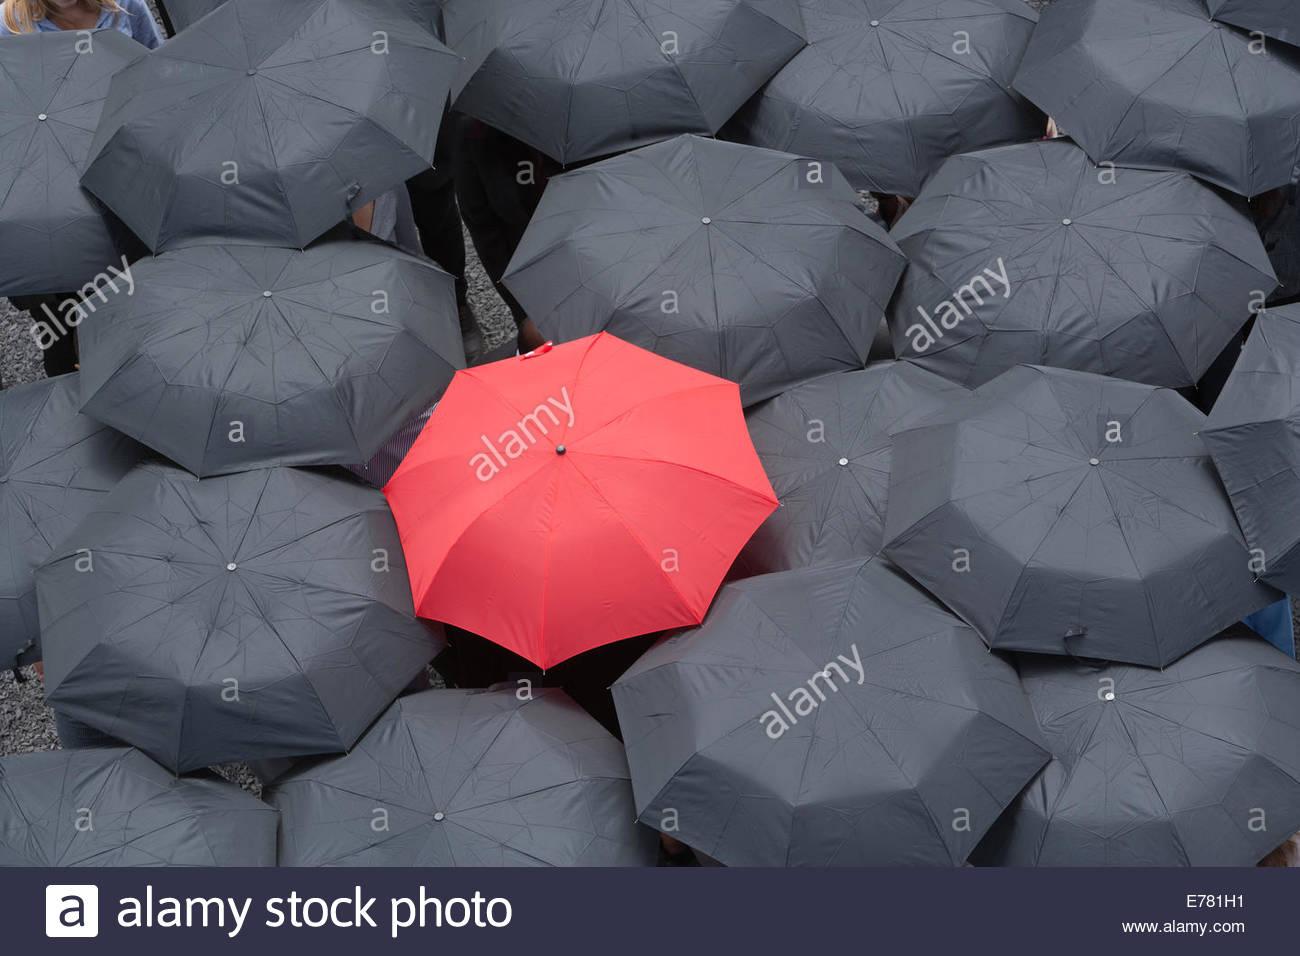 One red umbrella at center of multiple black umbrellas - Stock Image